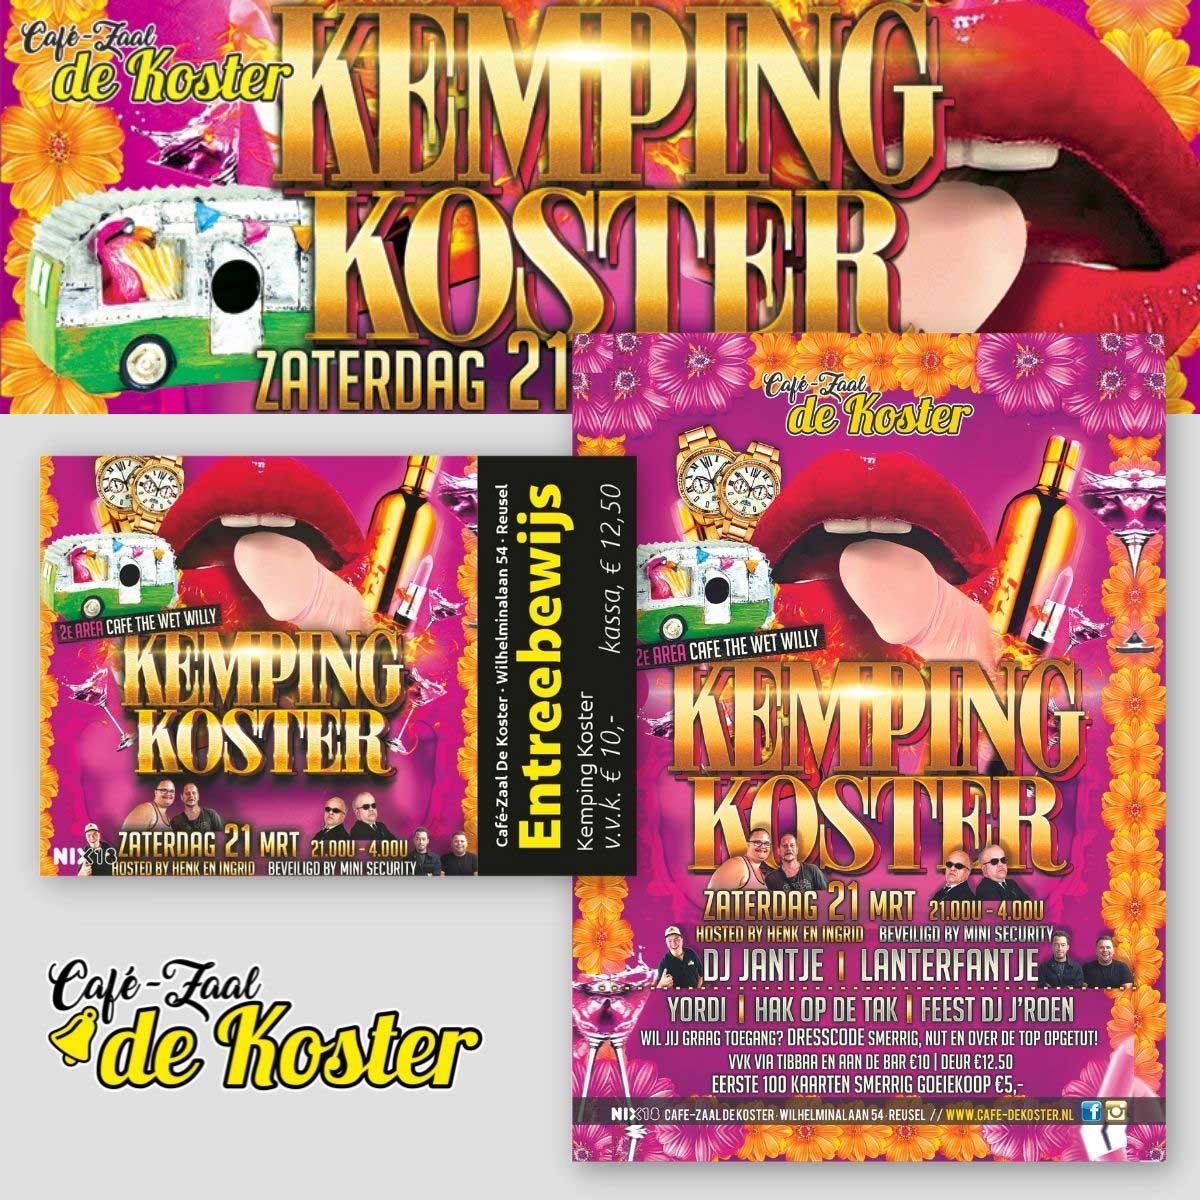 Ontwerp en DTP van banner, poster, entreebewijs, flyer De Koster Reusel.